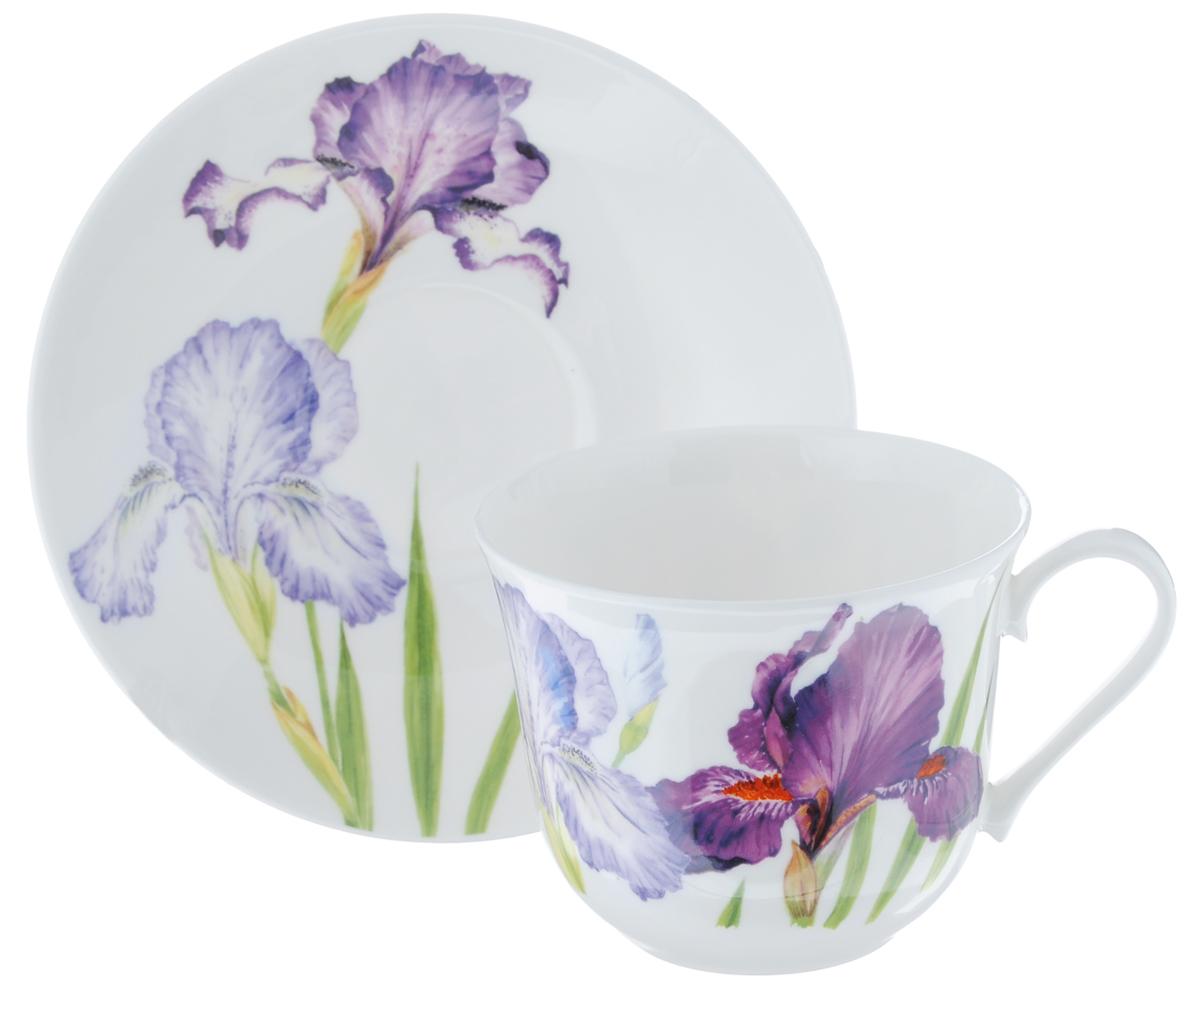 Чайная пара Roy Kirkham Ирис, 2 предметаXIRIS1100Чайная пара Roy Kirkham Ирис состоит из чашки и блюдца, изготовленных из тонкостенного костяного фарфора высшего качества, отличающегося необыкновенной прочностью и небольшим весом. Изделия оформлены цветочным рисунком. Яркий дизайн, несомненно, придется вам по вкусу. Чайная пара Roy Kirkham Ирис украсит ваш кухонный стол, а также станет замечательным подарком к любому празднику. Объем чашки: 500 мл. Диаметр чашки по верхнему краю: 10,5 см. Высота чашки: 8,5 см. Диаметр блюдца: 17 см. Высота блюдца: 3 см.